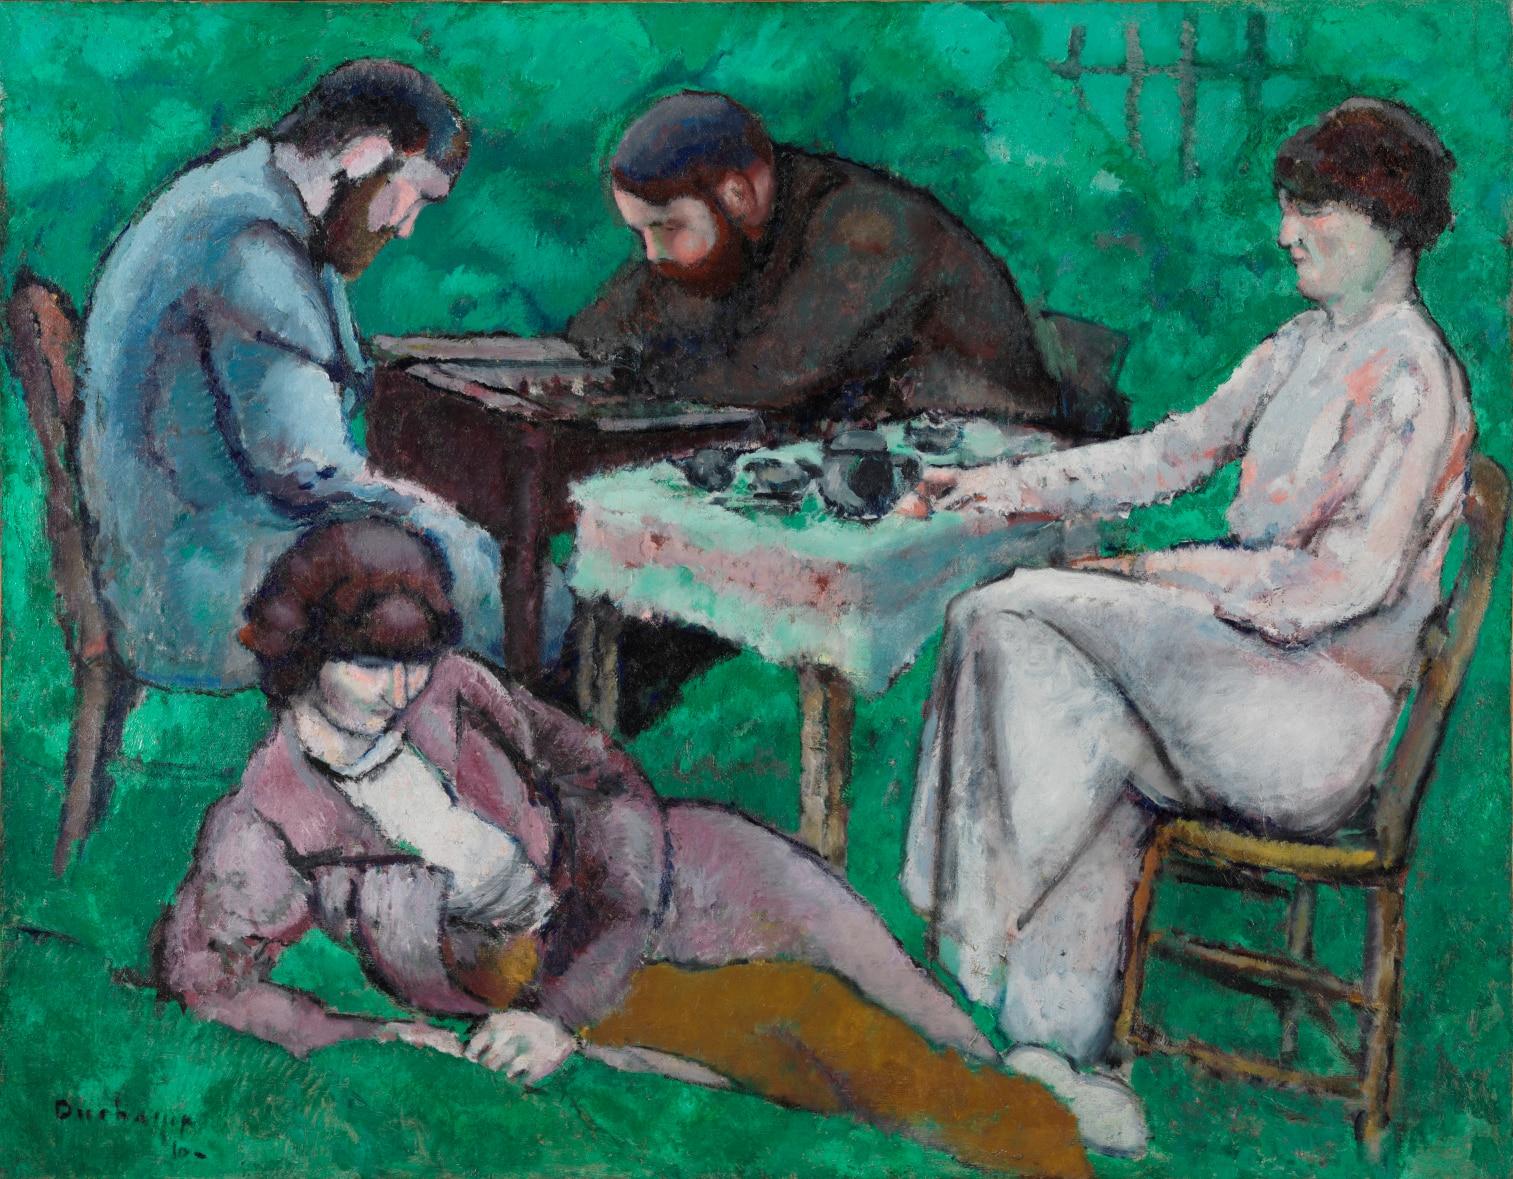 Cuadro La partida de ajedrez de Marcel Duchamp, incluido en la exposición patrocinada por la Fundación BBVA en la Fundación Miró de Barcelona